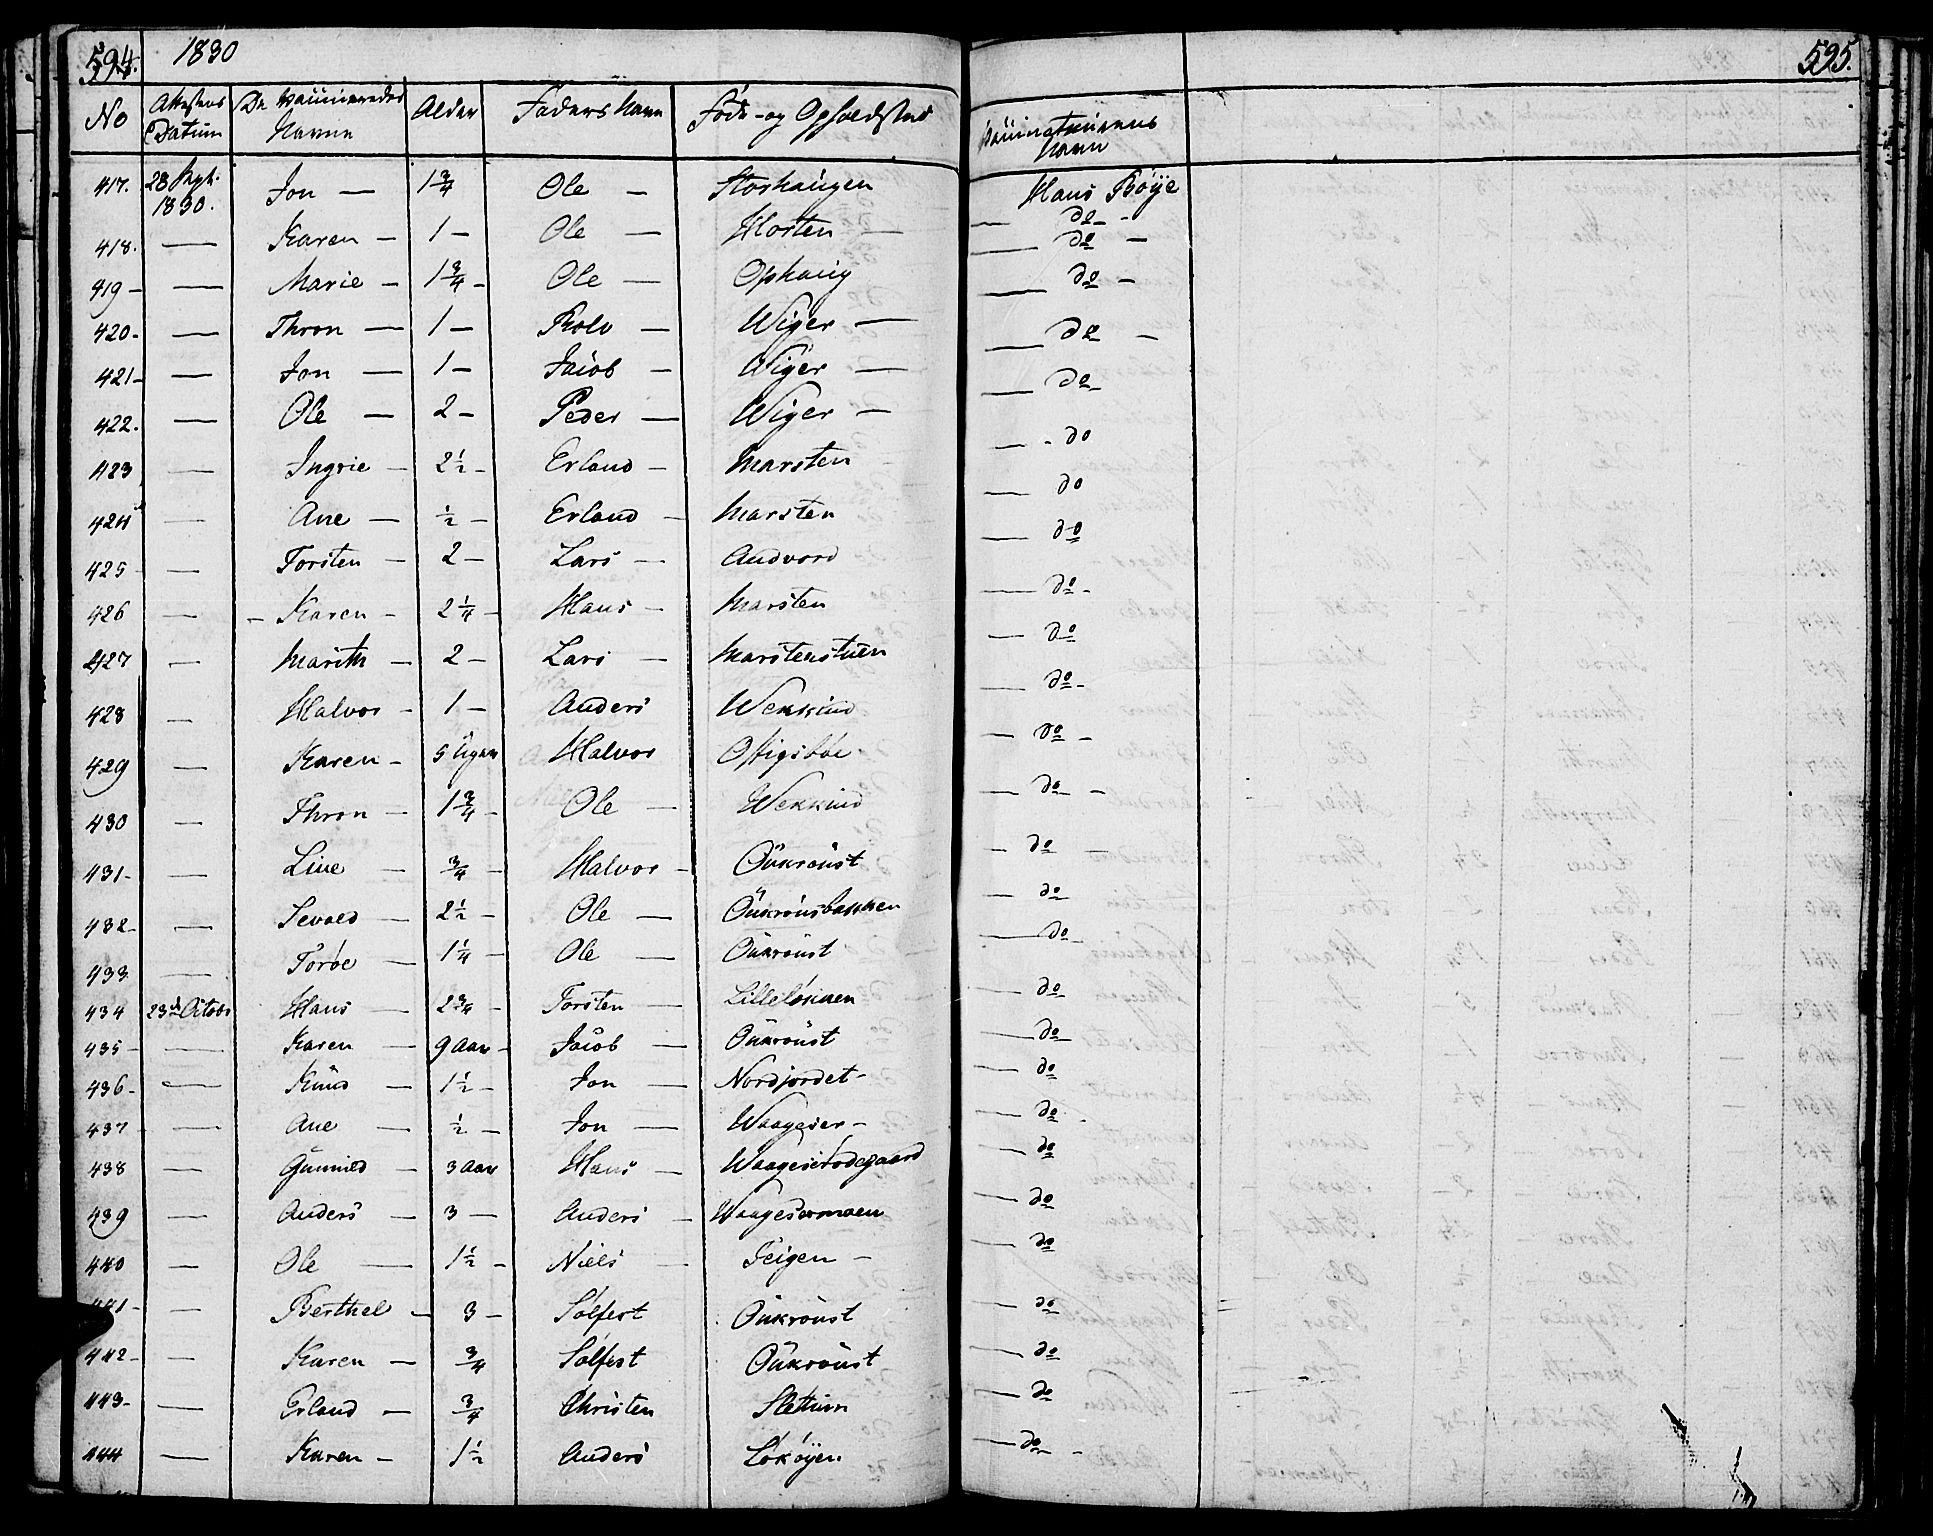 SAH, Lom prestekontor, K/L0005: Ministerialbok nr. 5, 1825-1837, s. 594-595